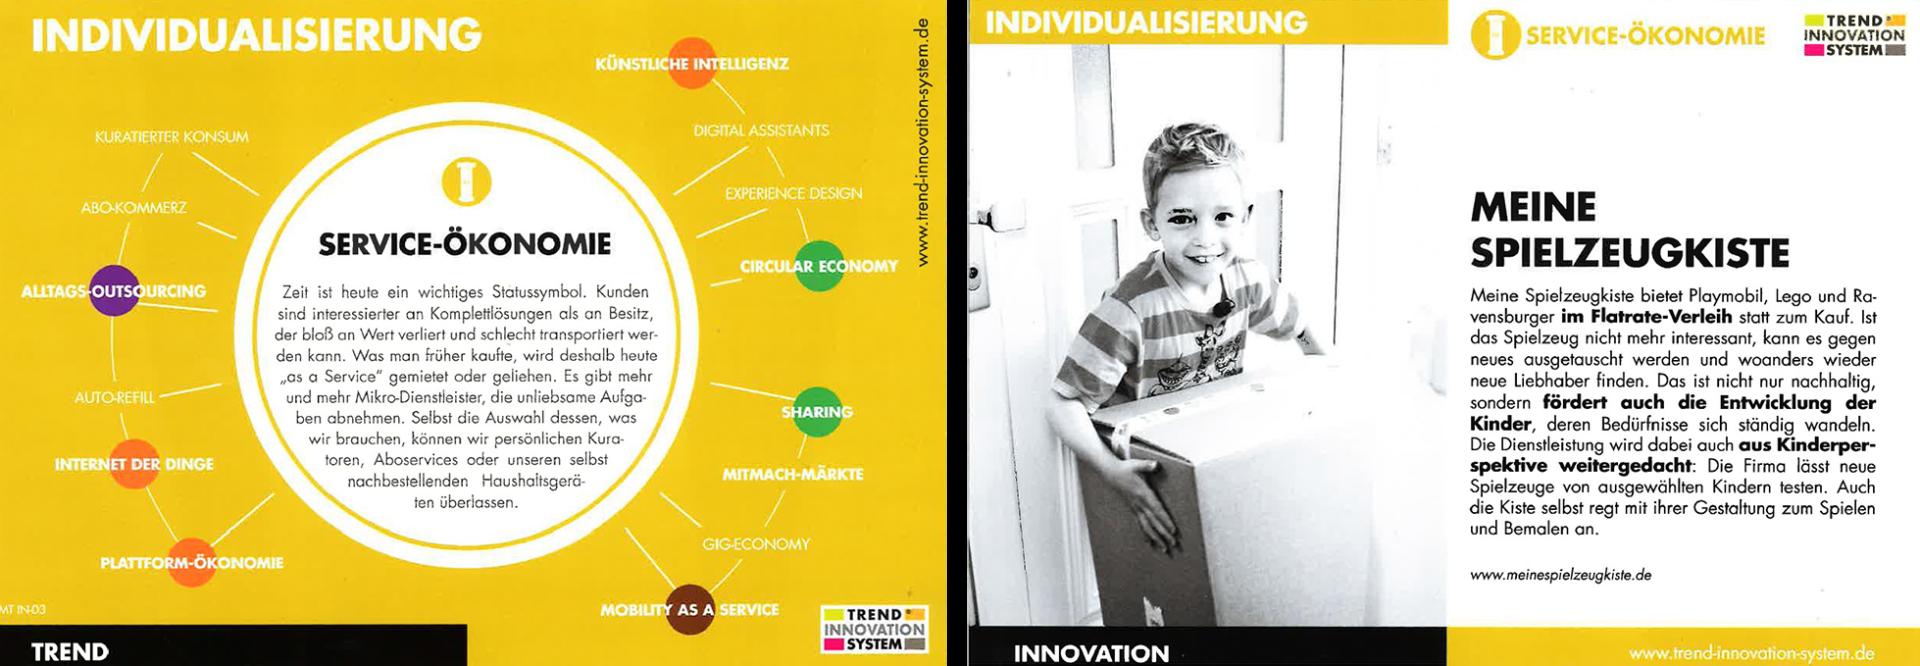 megatrendkarte_Individualisierung1